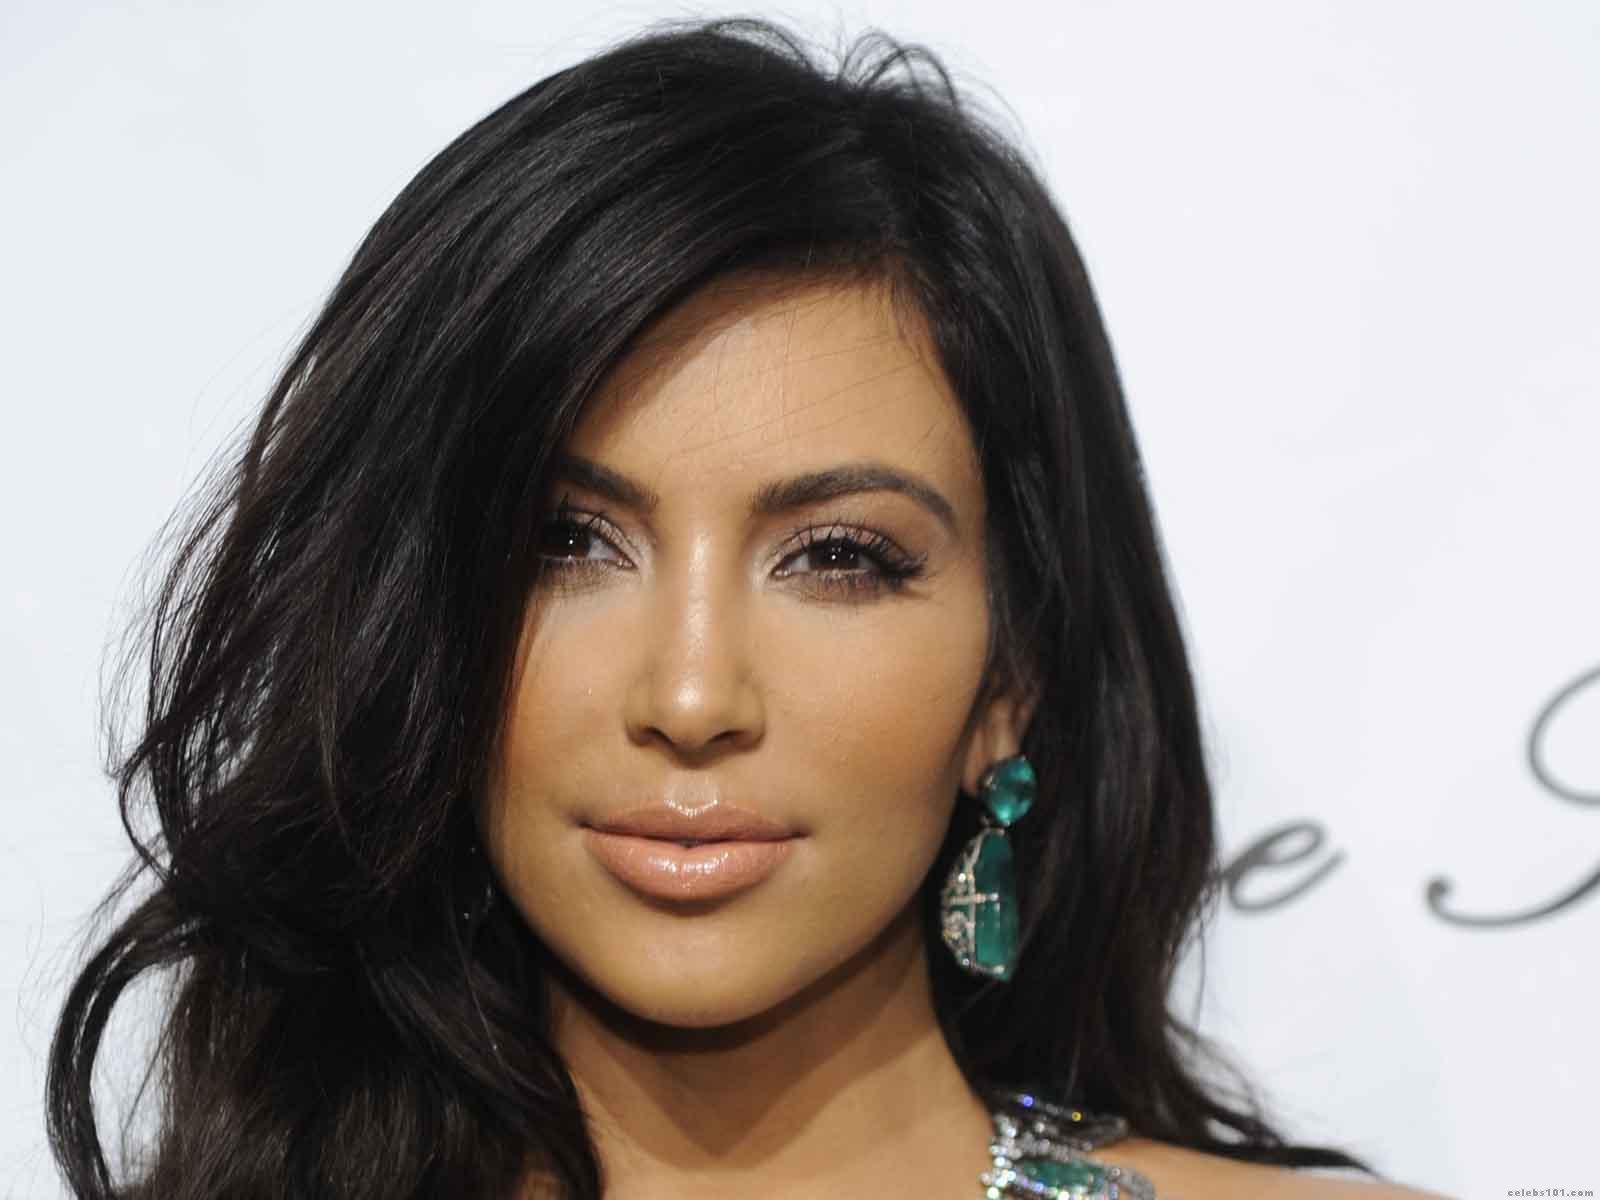 http://3.bp.blogspot.com/-8RUBxgycrSw/TbG-98R2t9I/AAAAAAAAA7M/RyFaqoIht00/s1600/Kim_Kardashian_Wallpaper.jpg